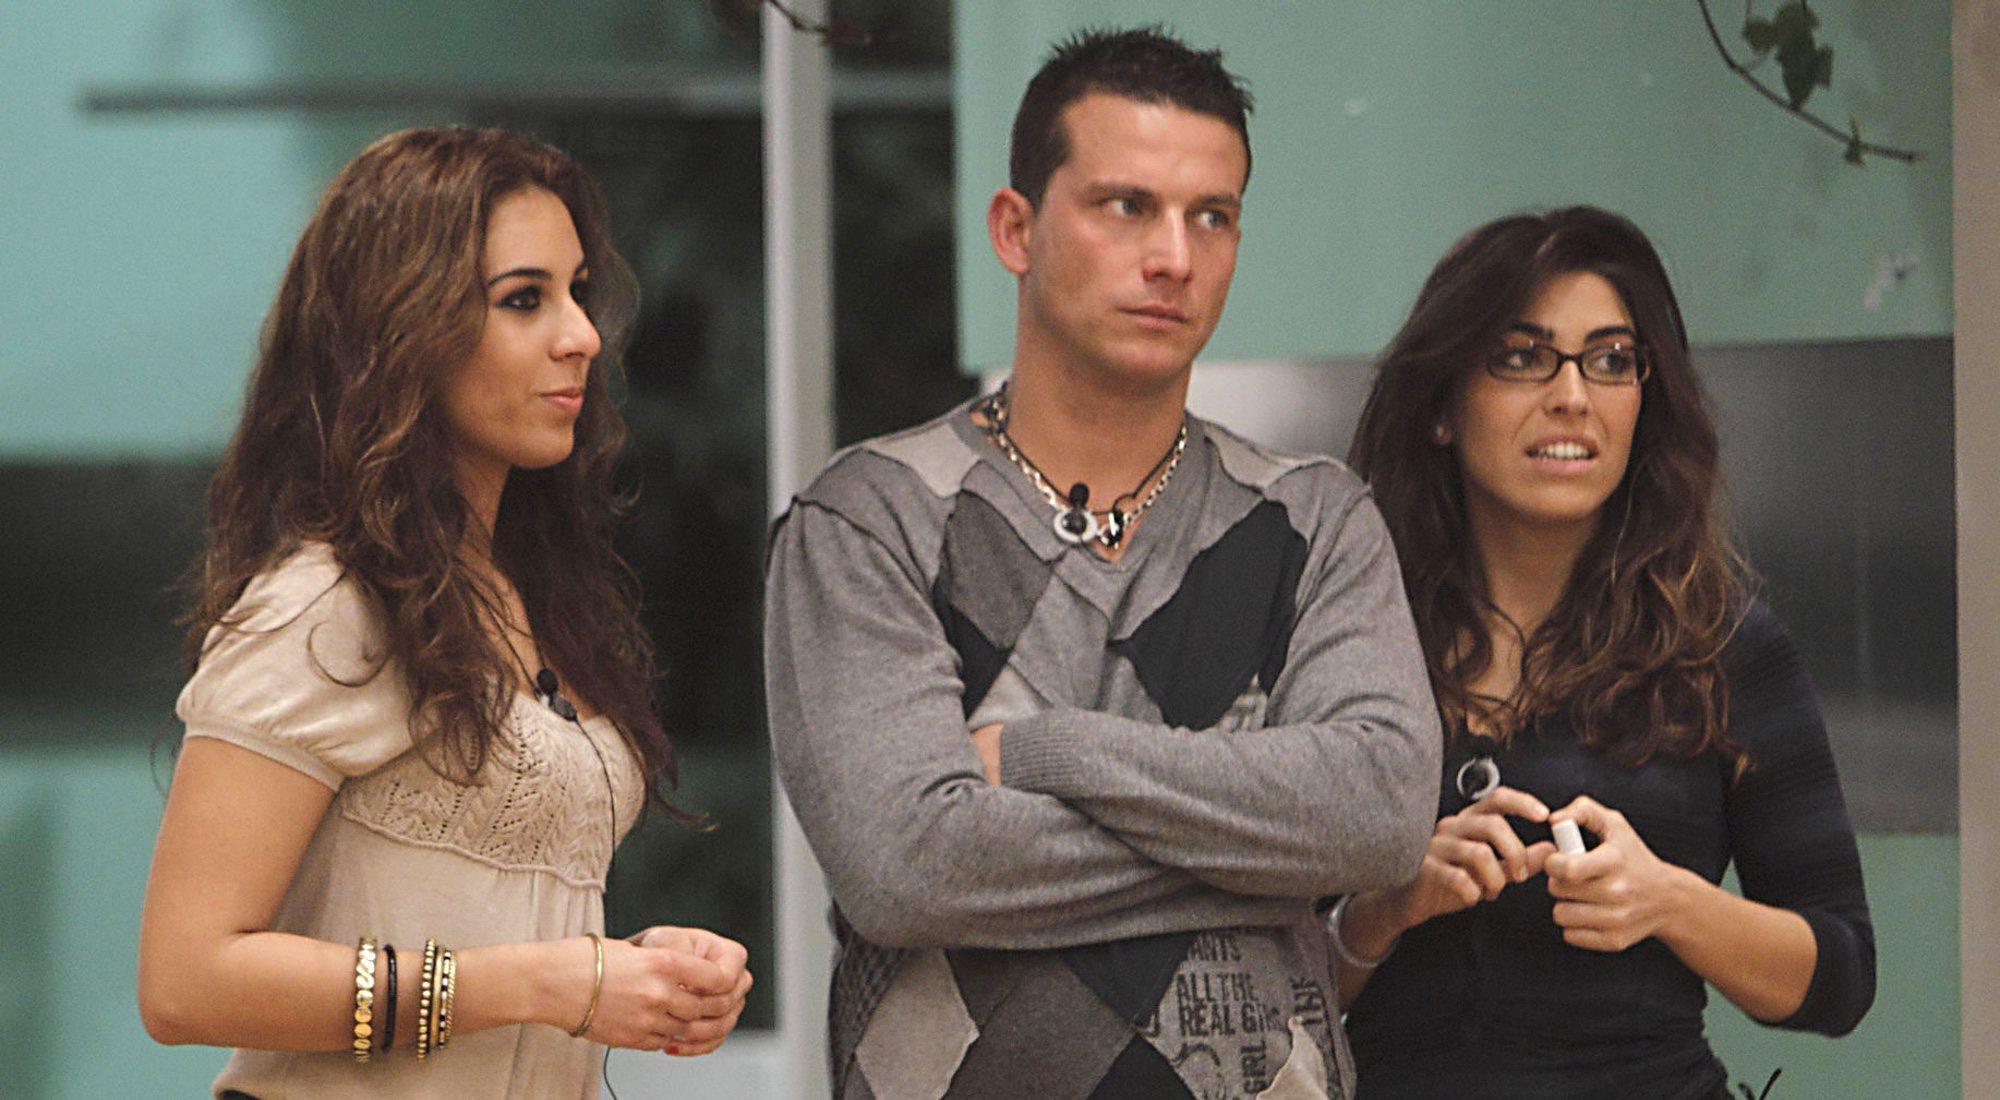 Indhira, Arturo et Melania, concurrents historiques de 'GH'